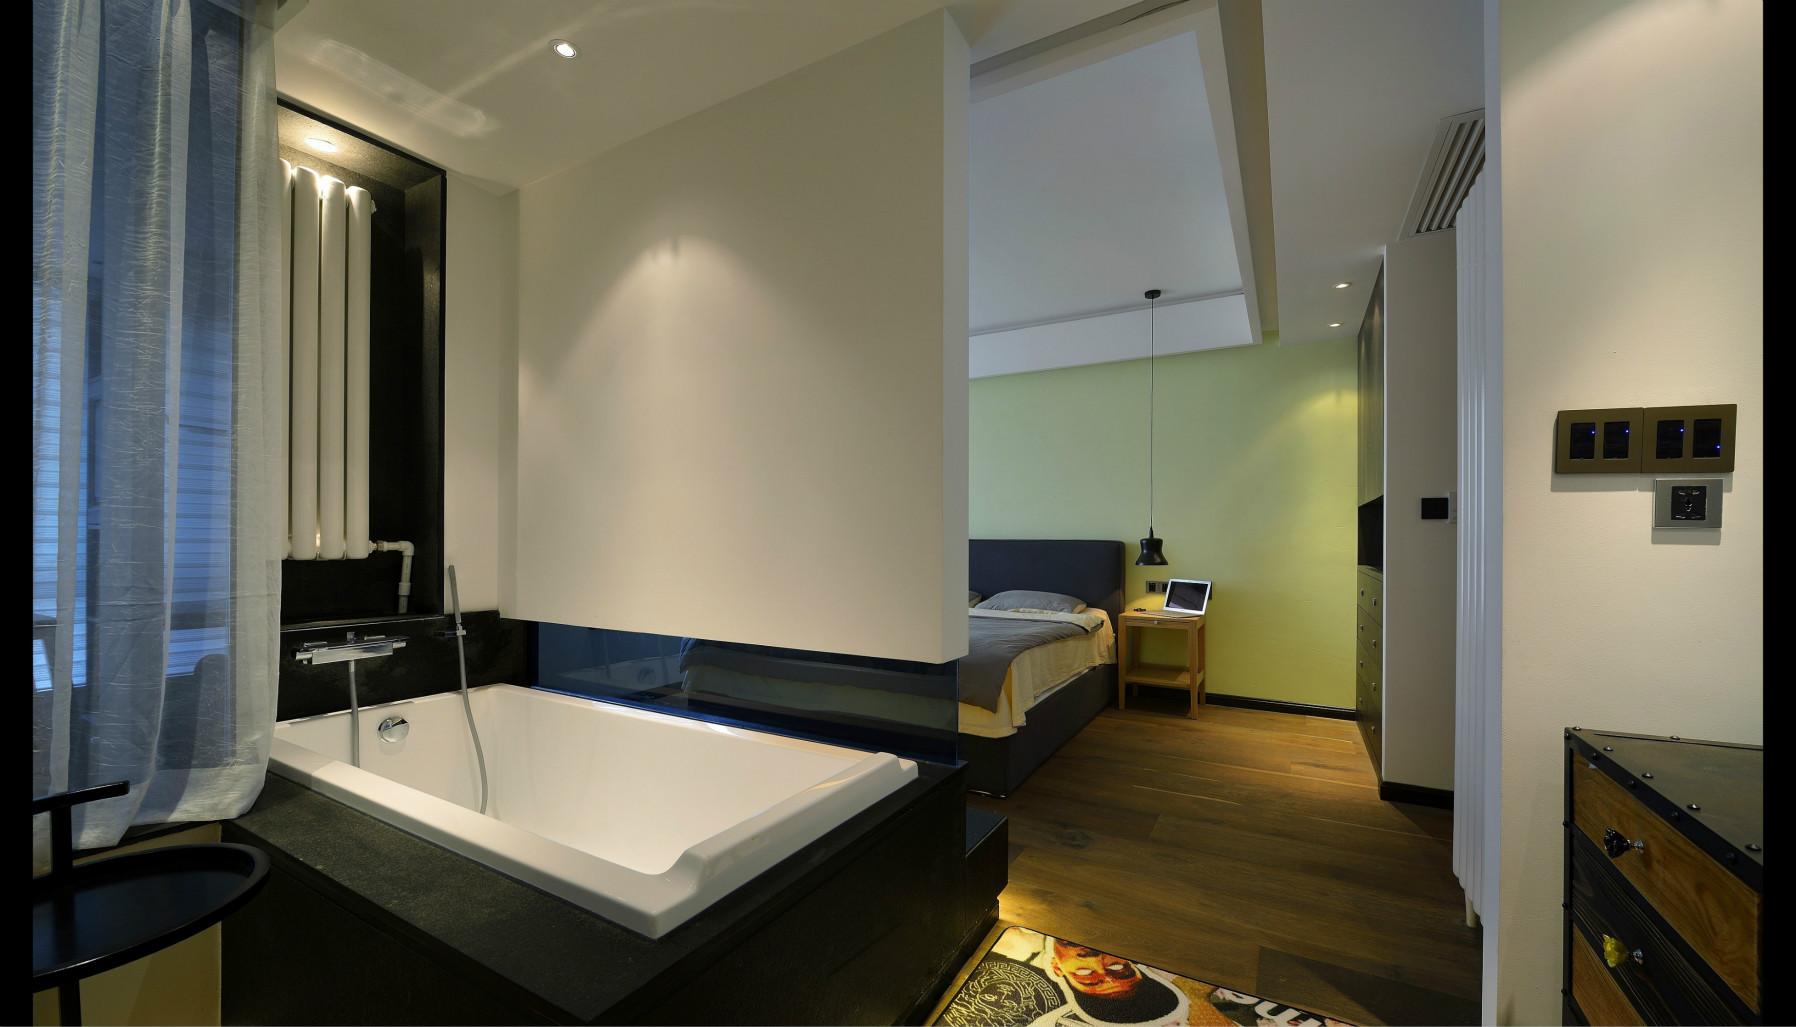 卫生间在室内,浴池和床用一堵墙分离,很是有创意